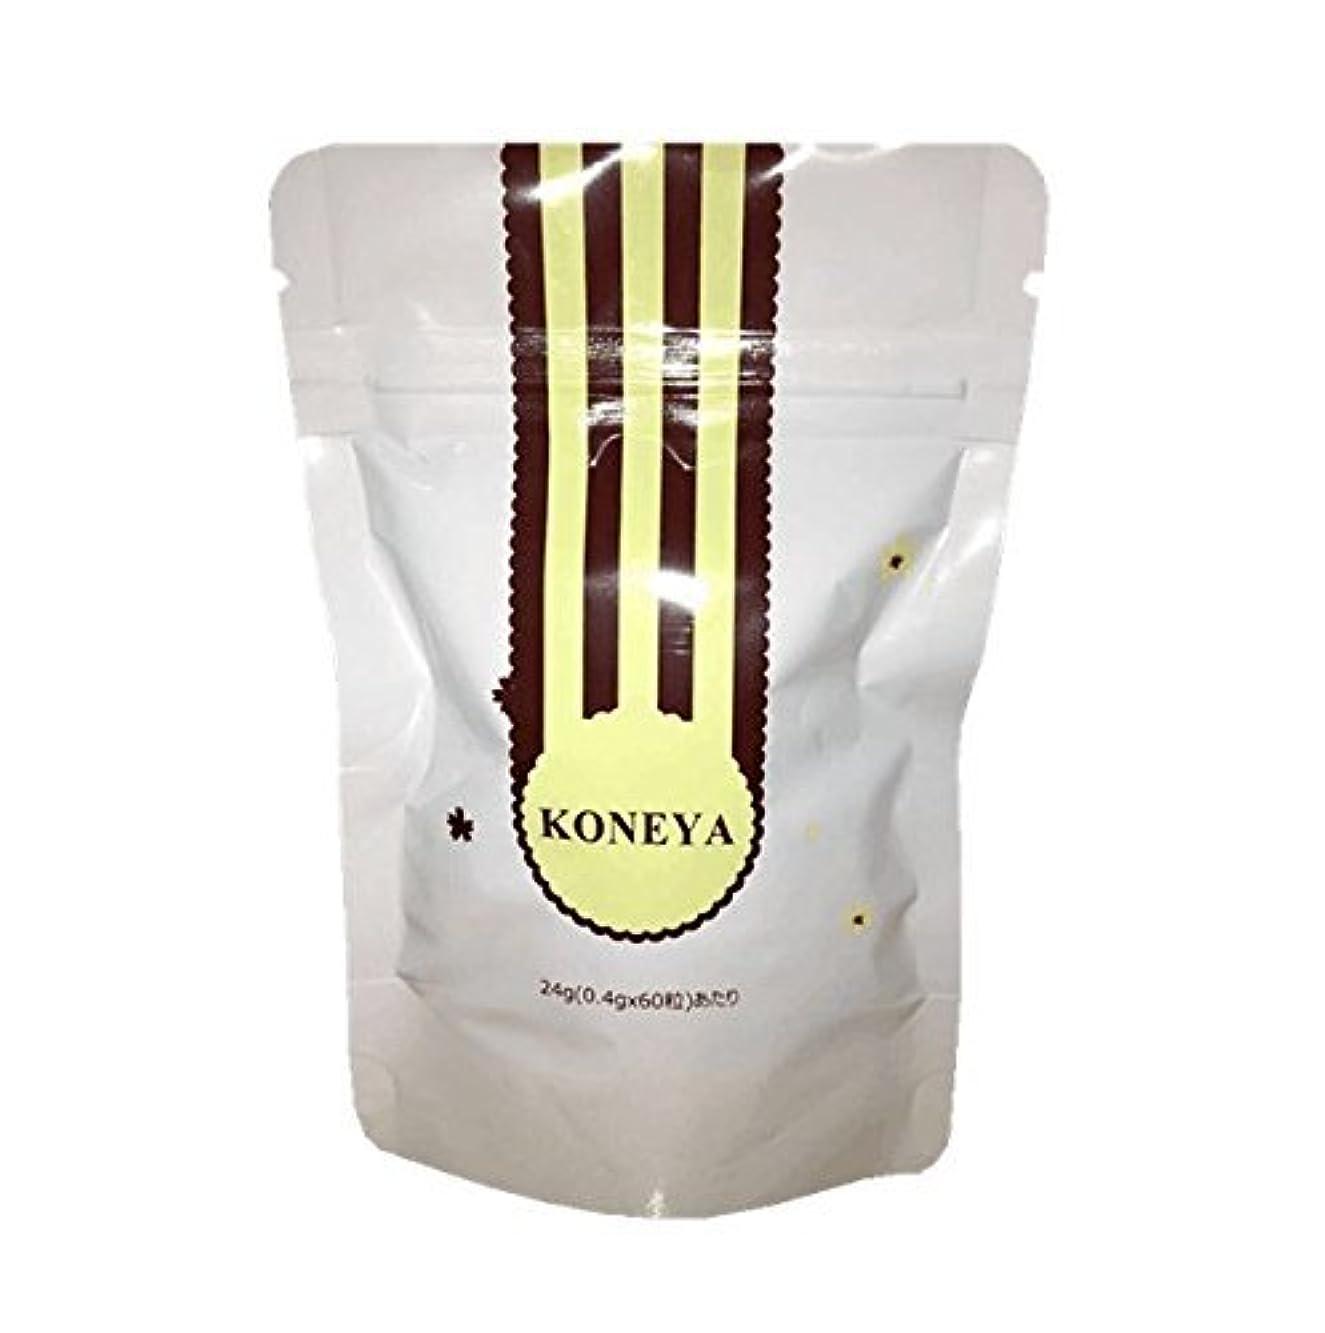 割り当てます確立します詐欺KONEYA ダイエット酵素サプリメント